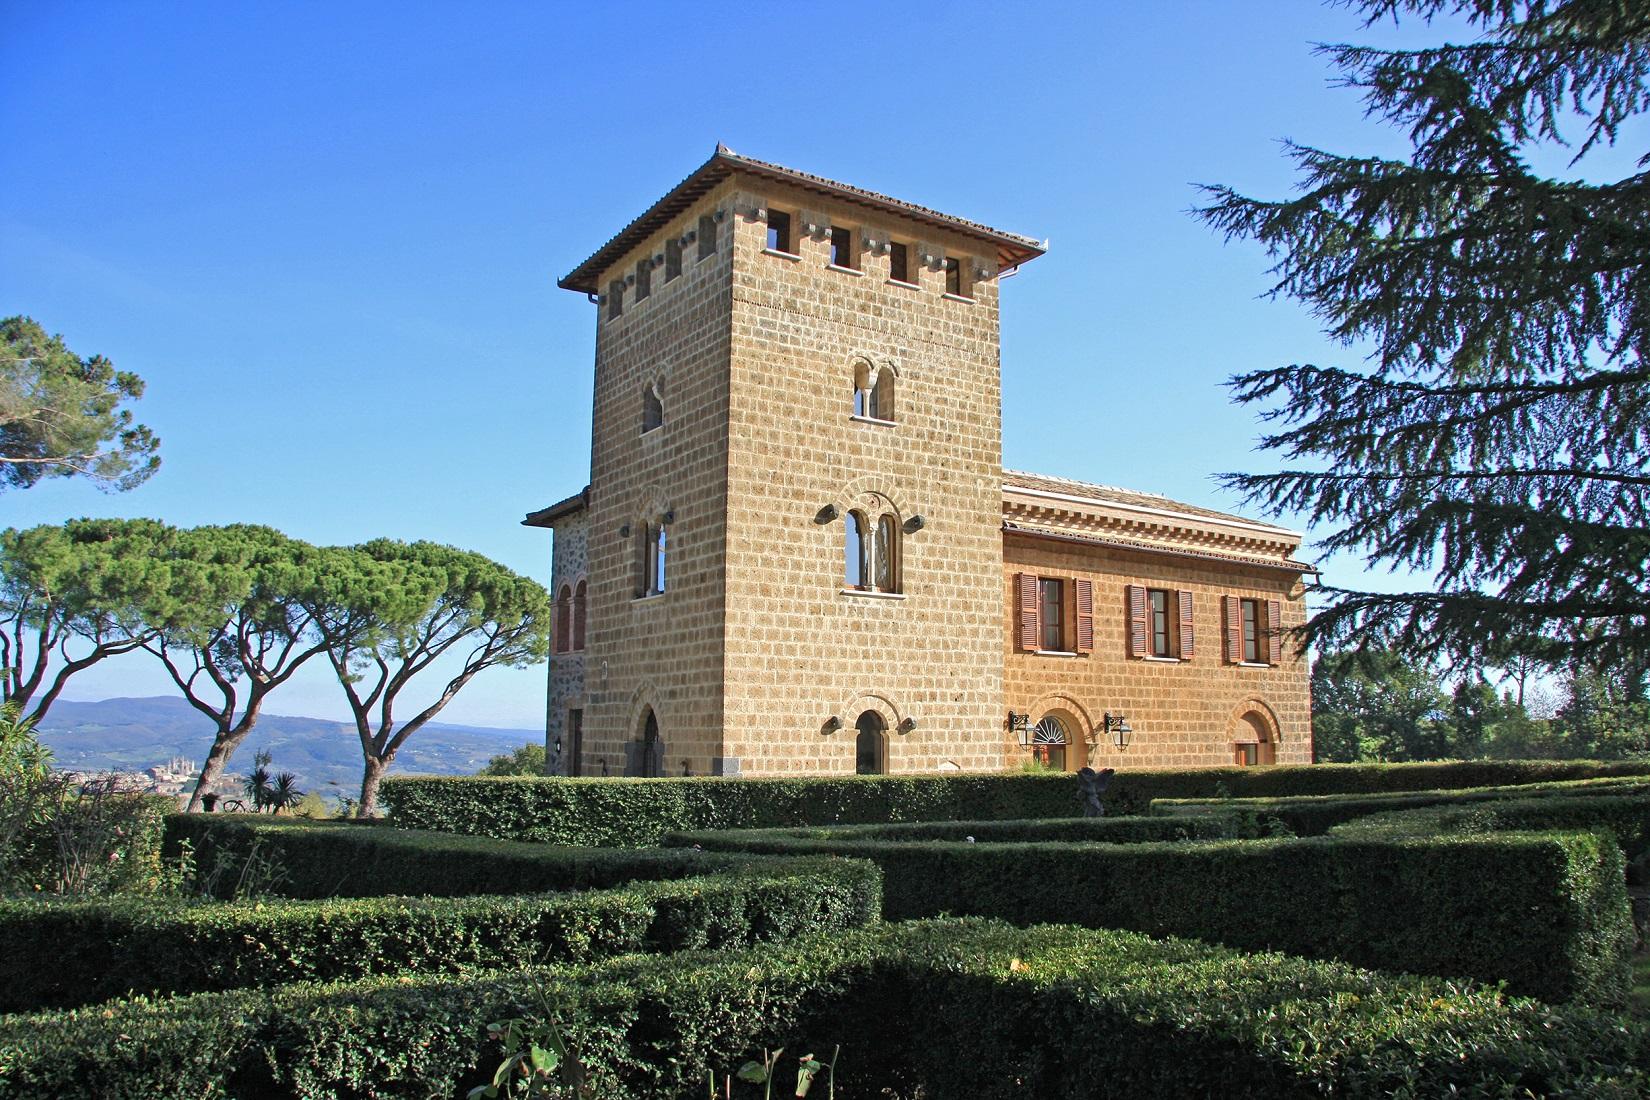 vendesi-villa-di-prestigio-in-umbria-terni-porano-14917346707567